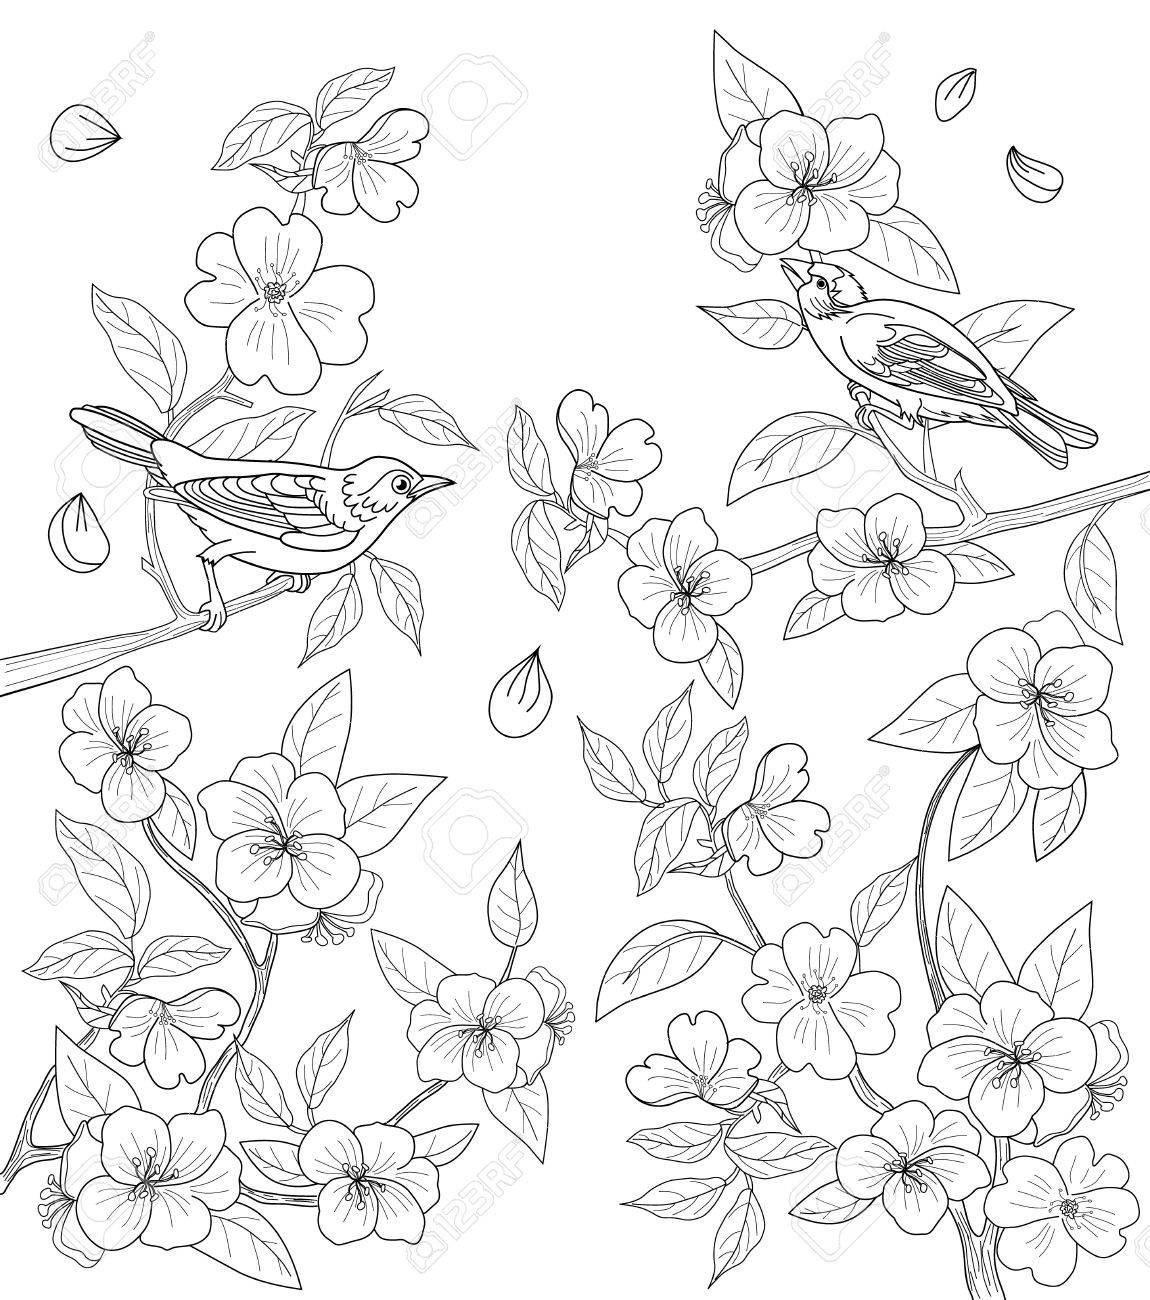 Dibujo Para Colorear Para Los Adultos Con Pájaros Y Flores ...